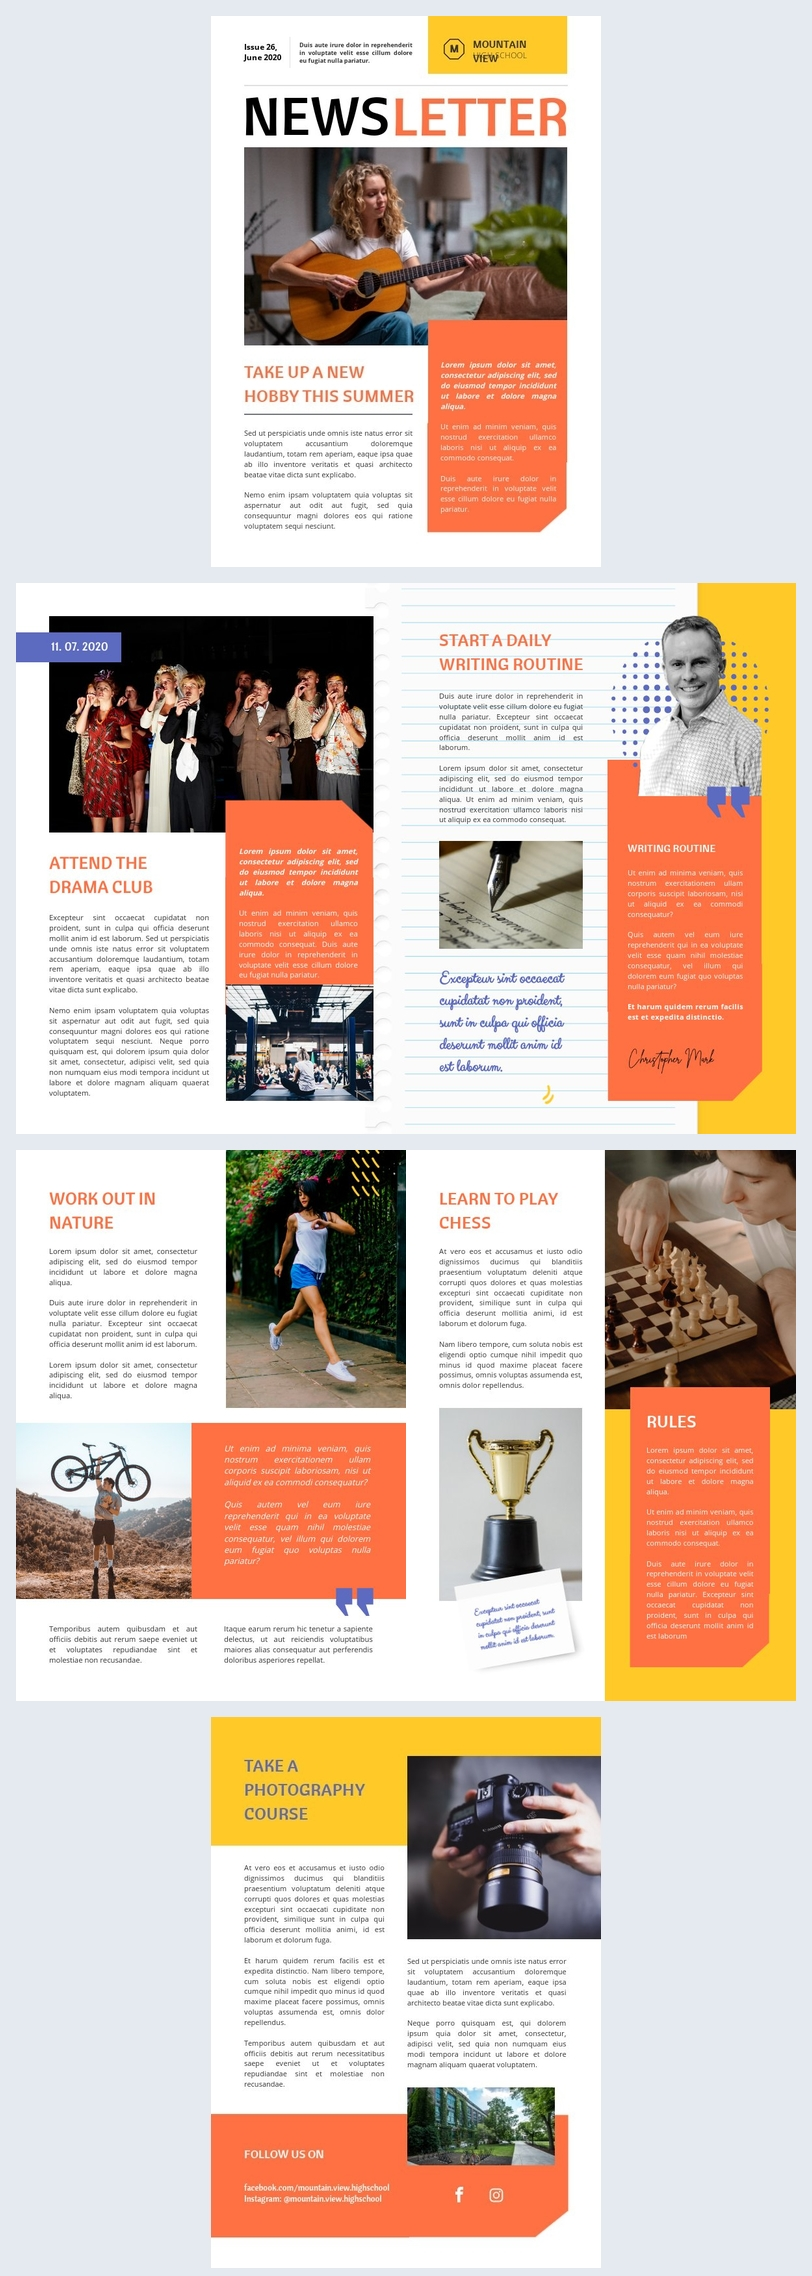 Beispiel-Design eines Highschool-Newsletters